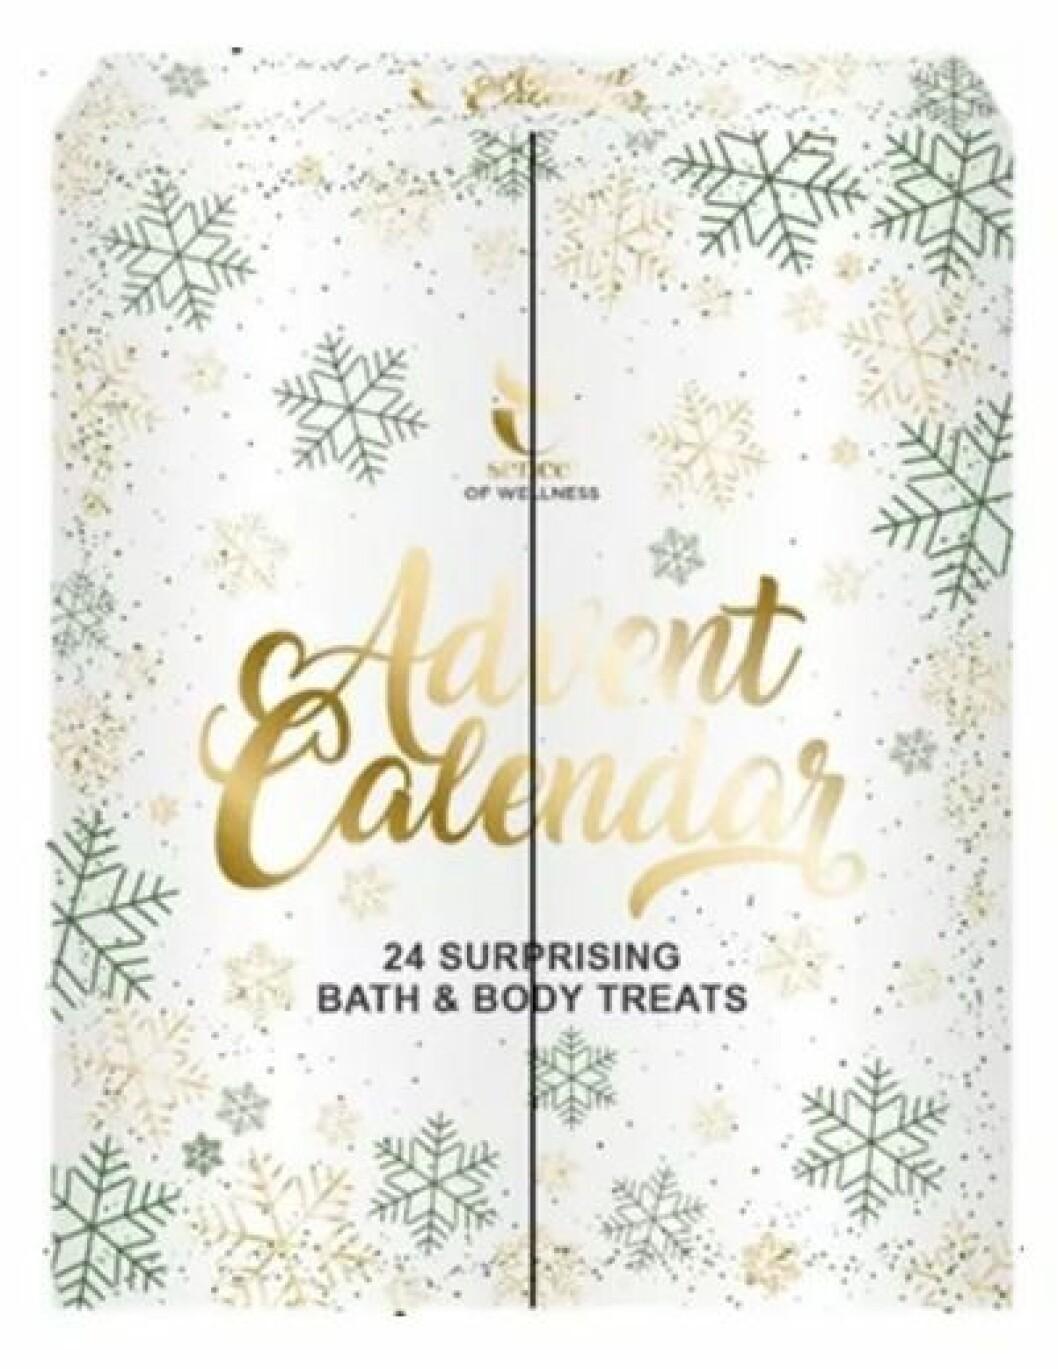 Adventskalender med skönhetsprodukter till julen 2019